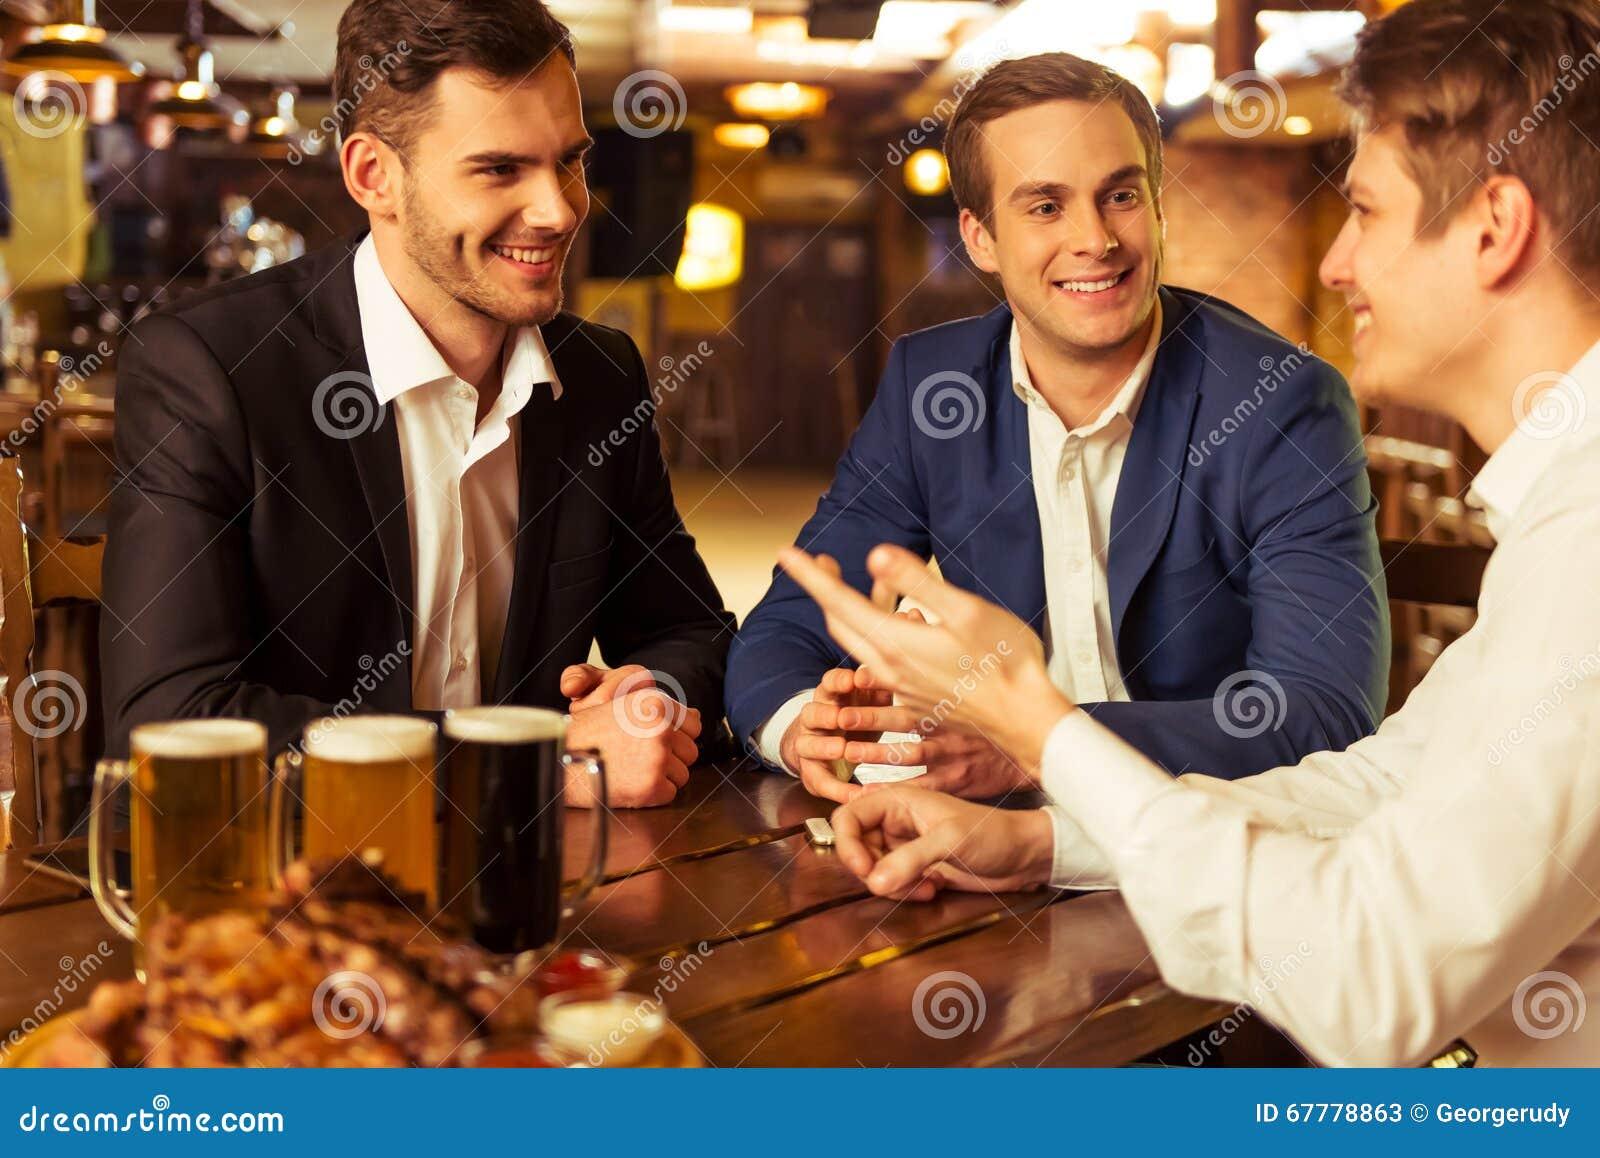 Επιχειρηματίες στο μπαρ